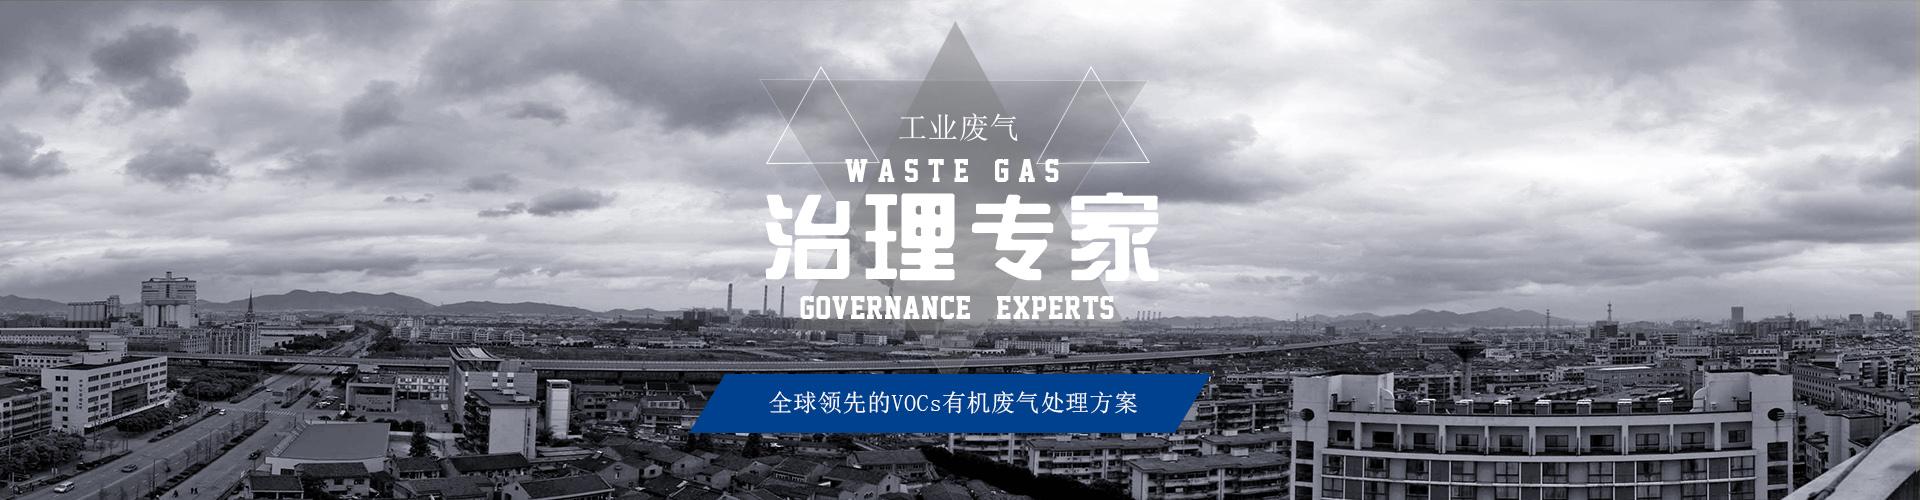 绿城环保,工业废气,治理方案